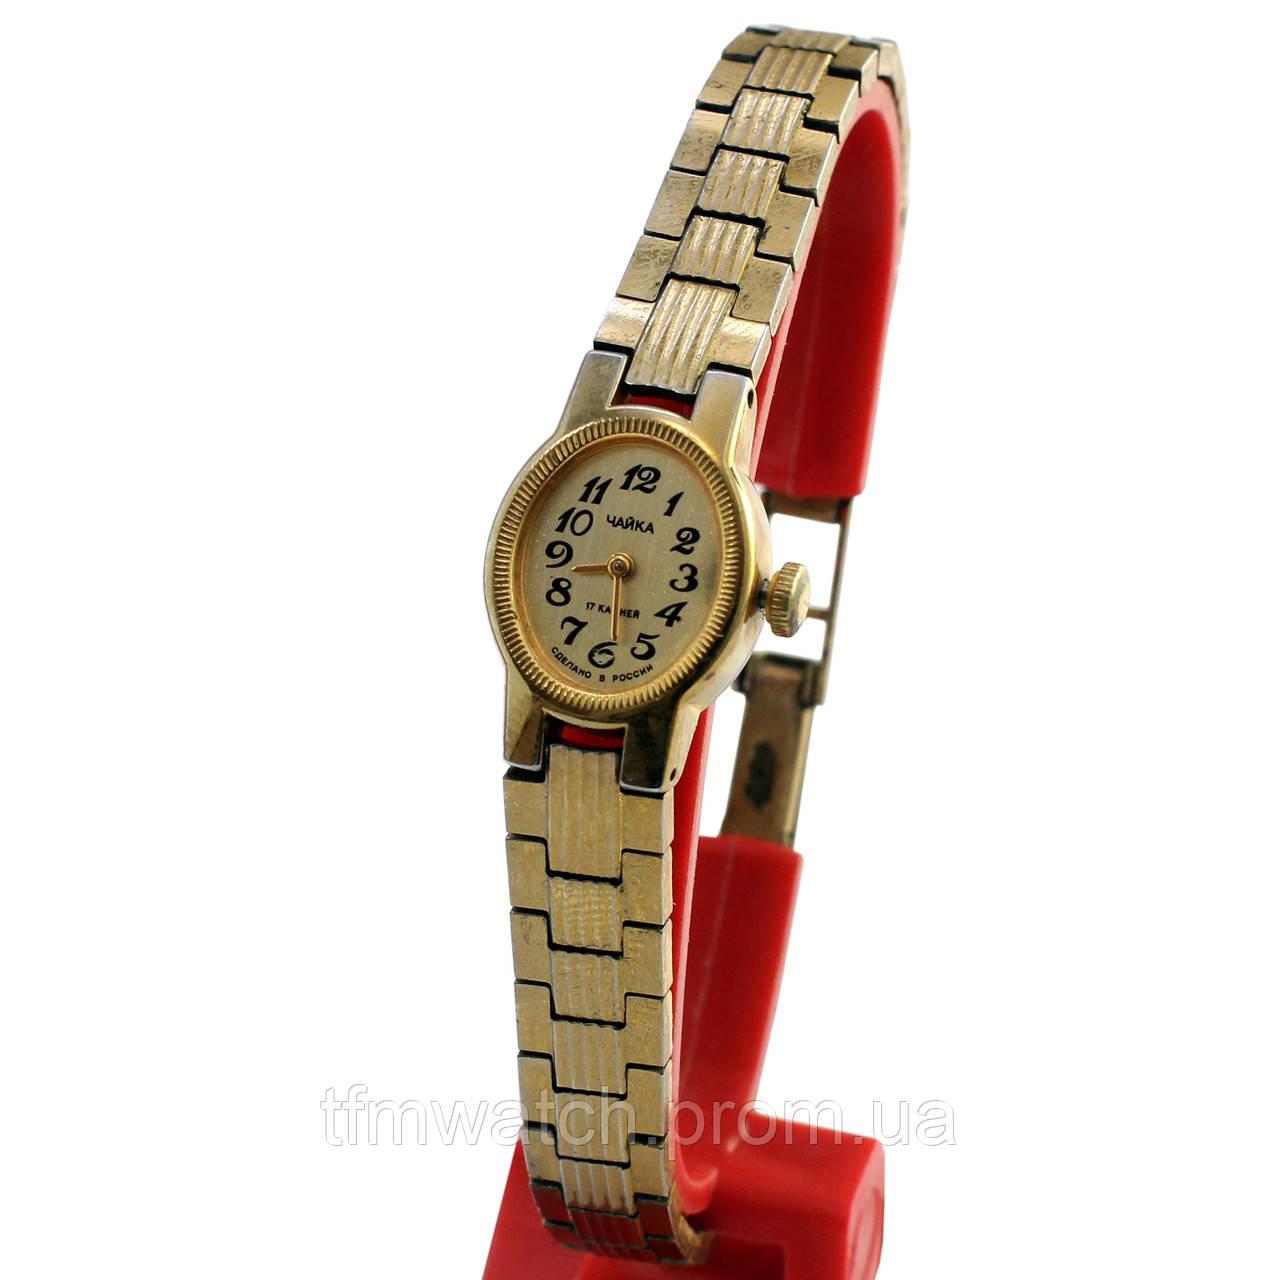 Сколько стоят наручные часы чайка 17 камешков изготовлено в россии